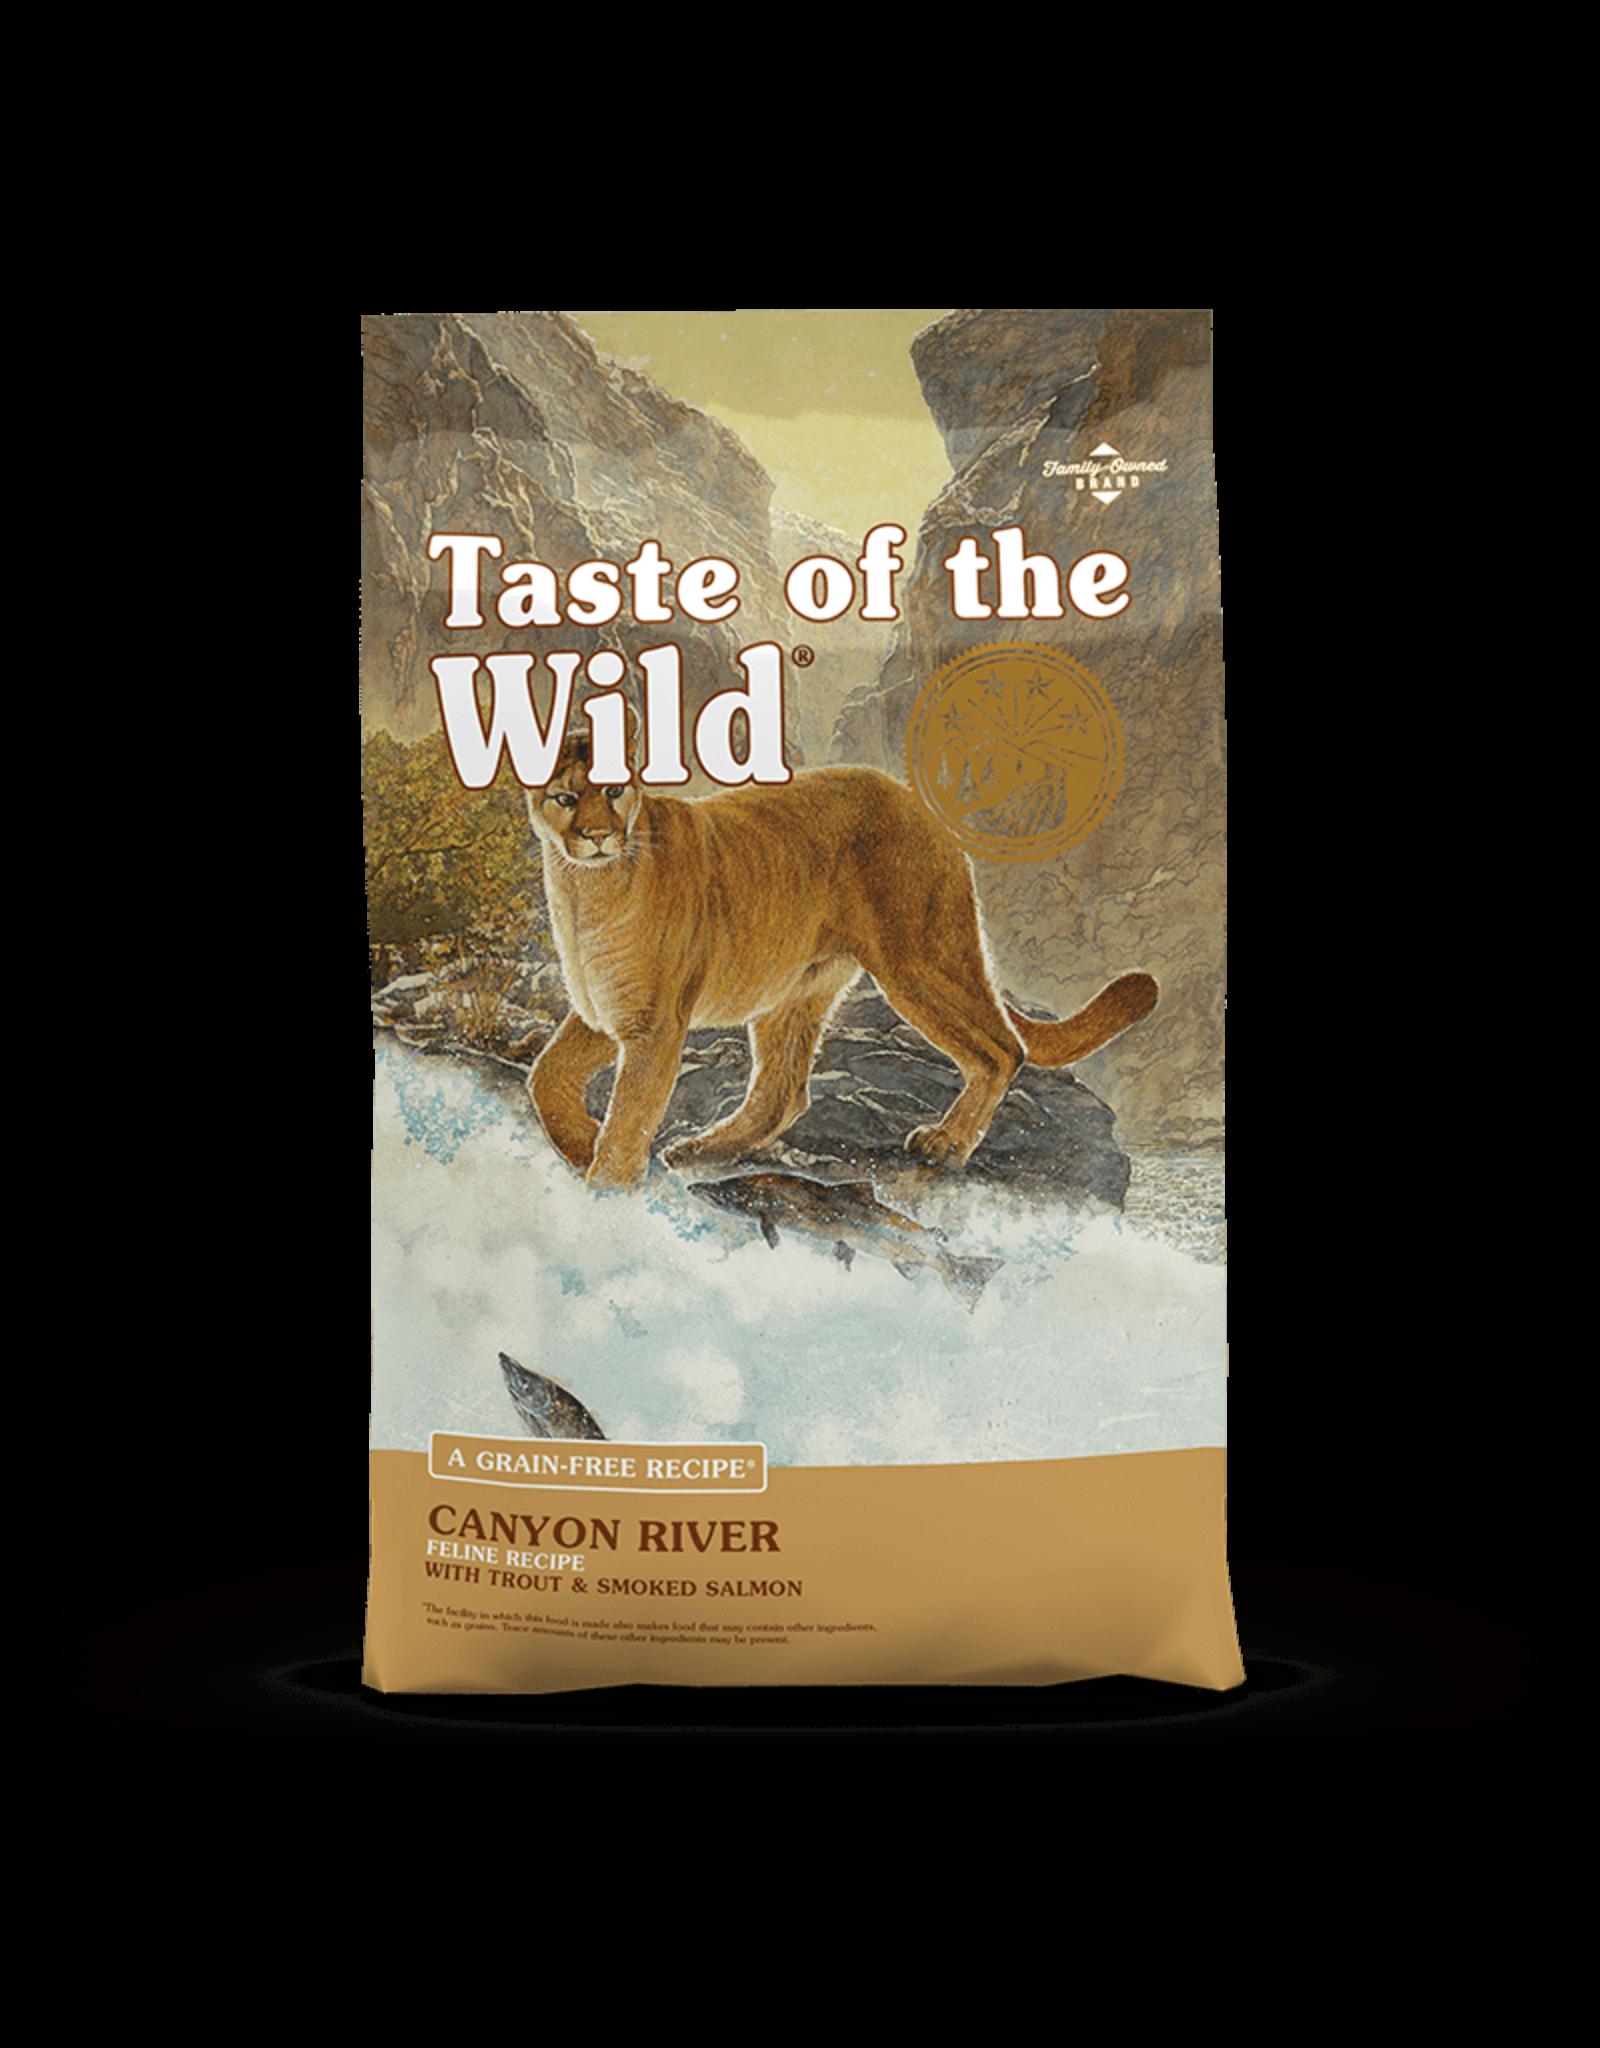 Taste of the Wild Taste of the Wild Canyon River Feline Recipe w/ Trout & Smoked Salmon 5lb